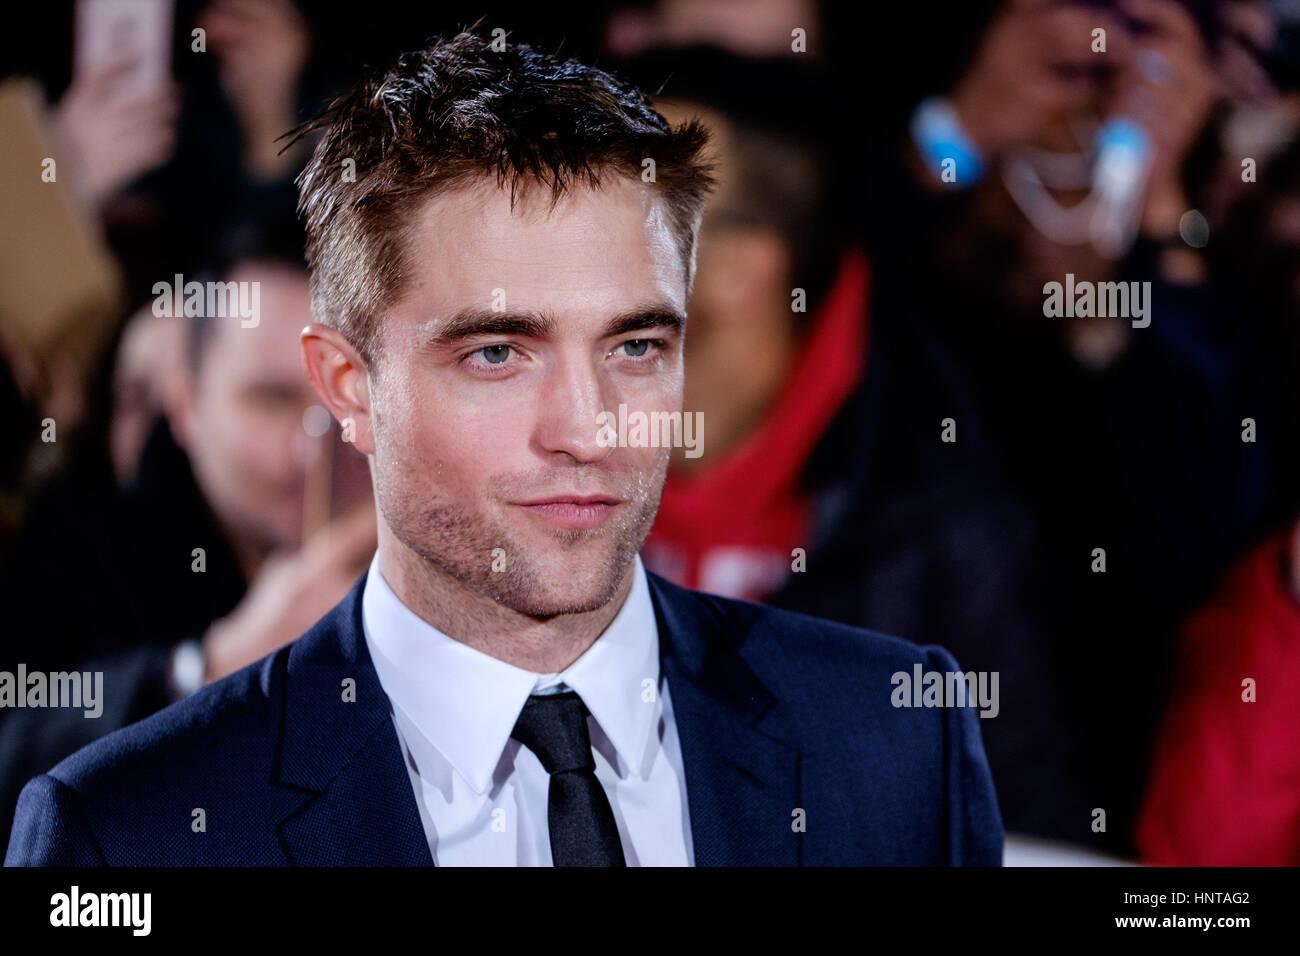 Londres, Reino Unido. 16 de febrero de 2017. Robert Pattinson llega al estreno británico de la ciudad perdida Imagen De Stock